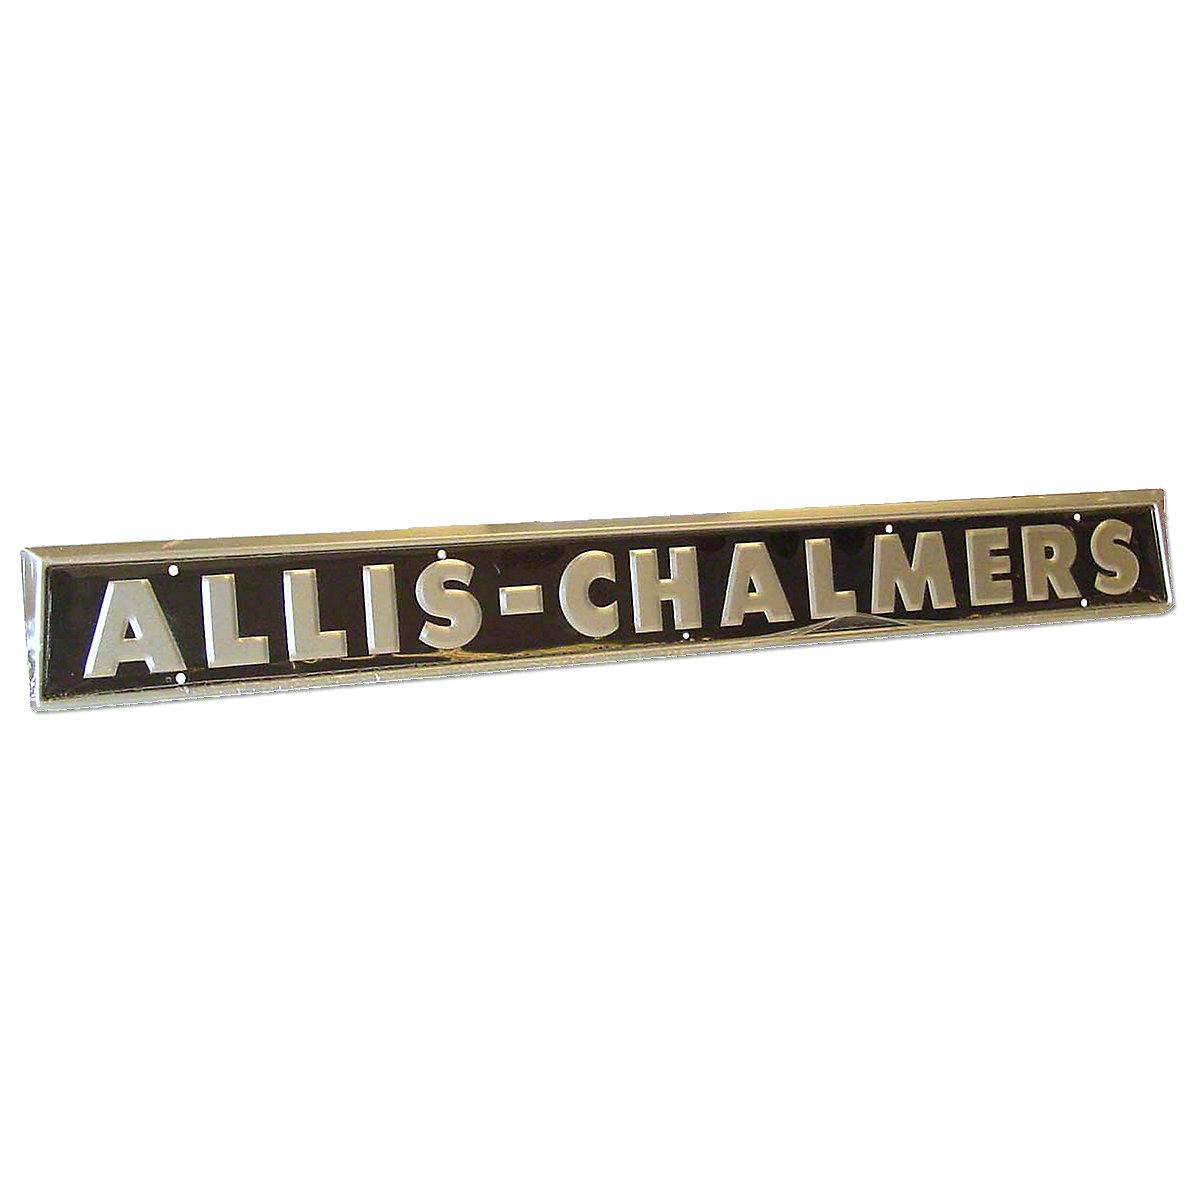 Side Emblem For Allis Chalmers: D10, D12, D15, D17, I40, I400, I60.